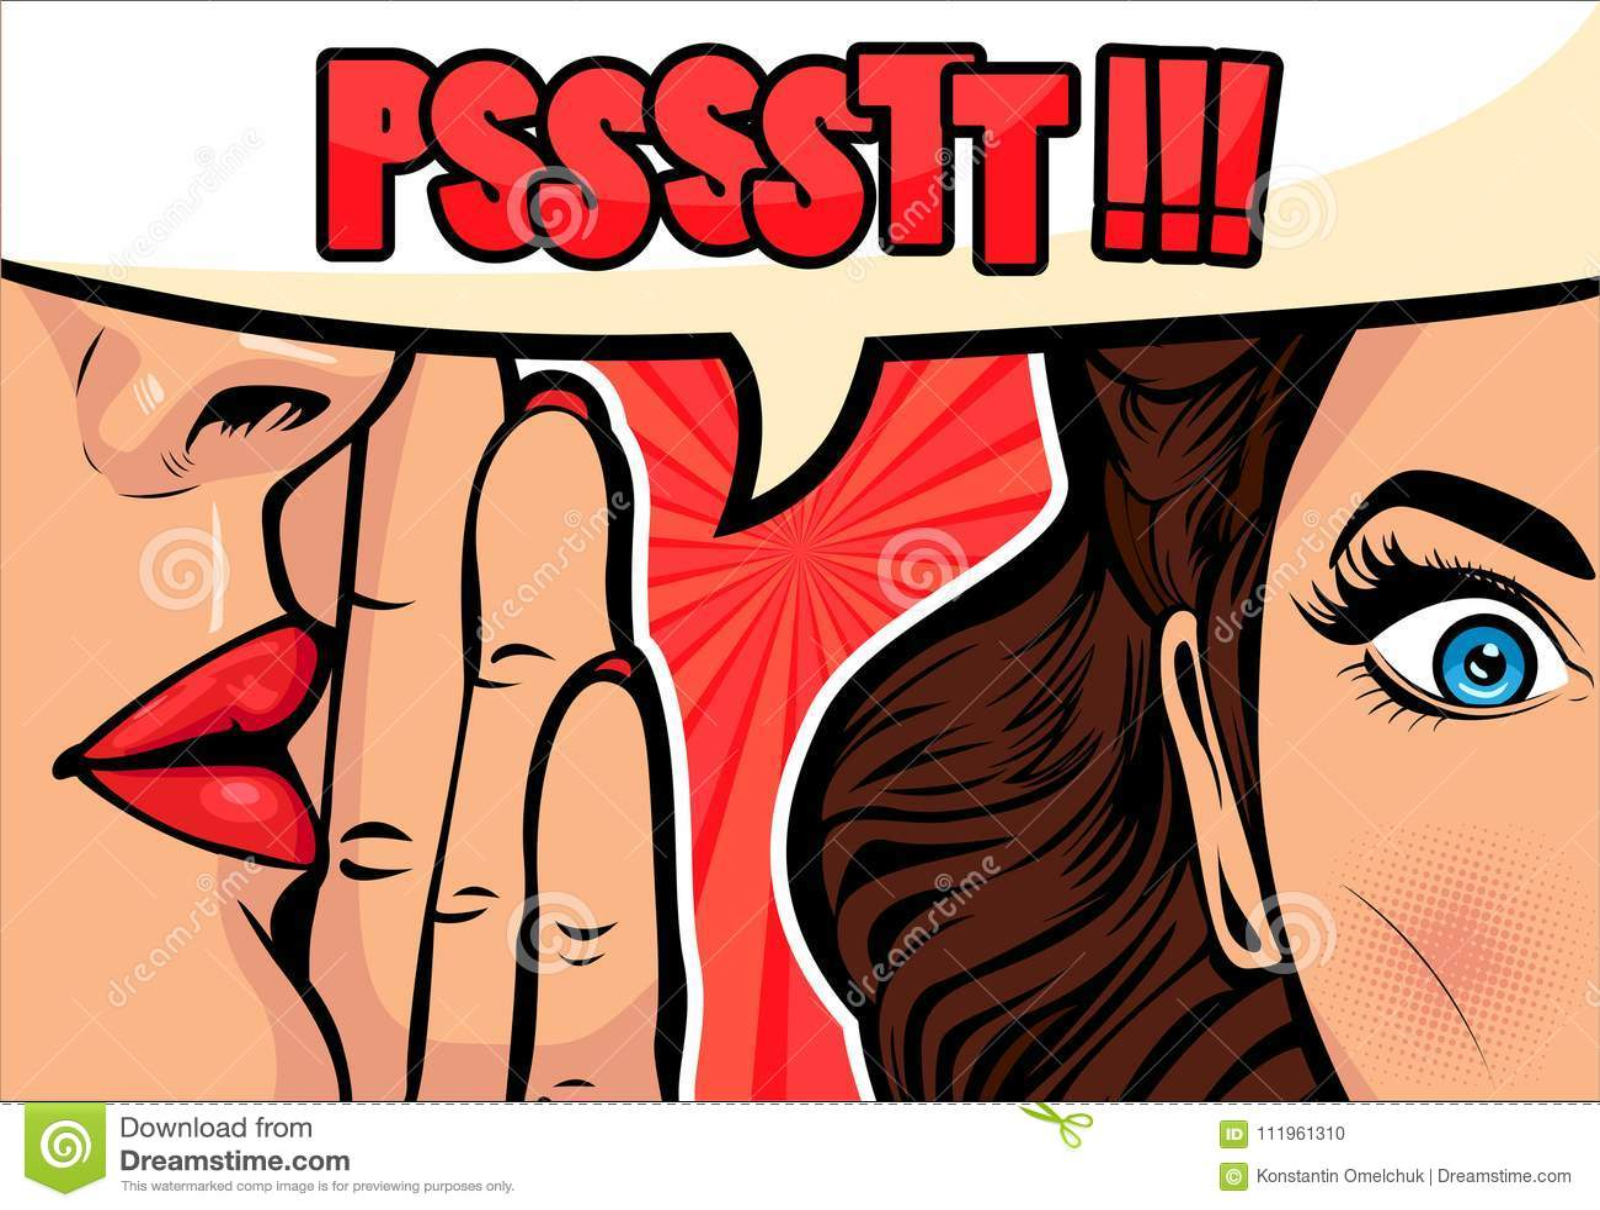 Κουτσομπολιό ή μυστικό ψιθυρίσματος γυναικών στο φίλο της Διανυσματική απεικόνιση στο λαϊκό αναδρομικό κωμικό ύφος τέχνης